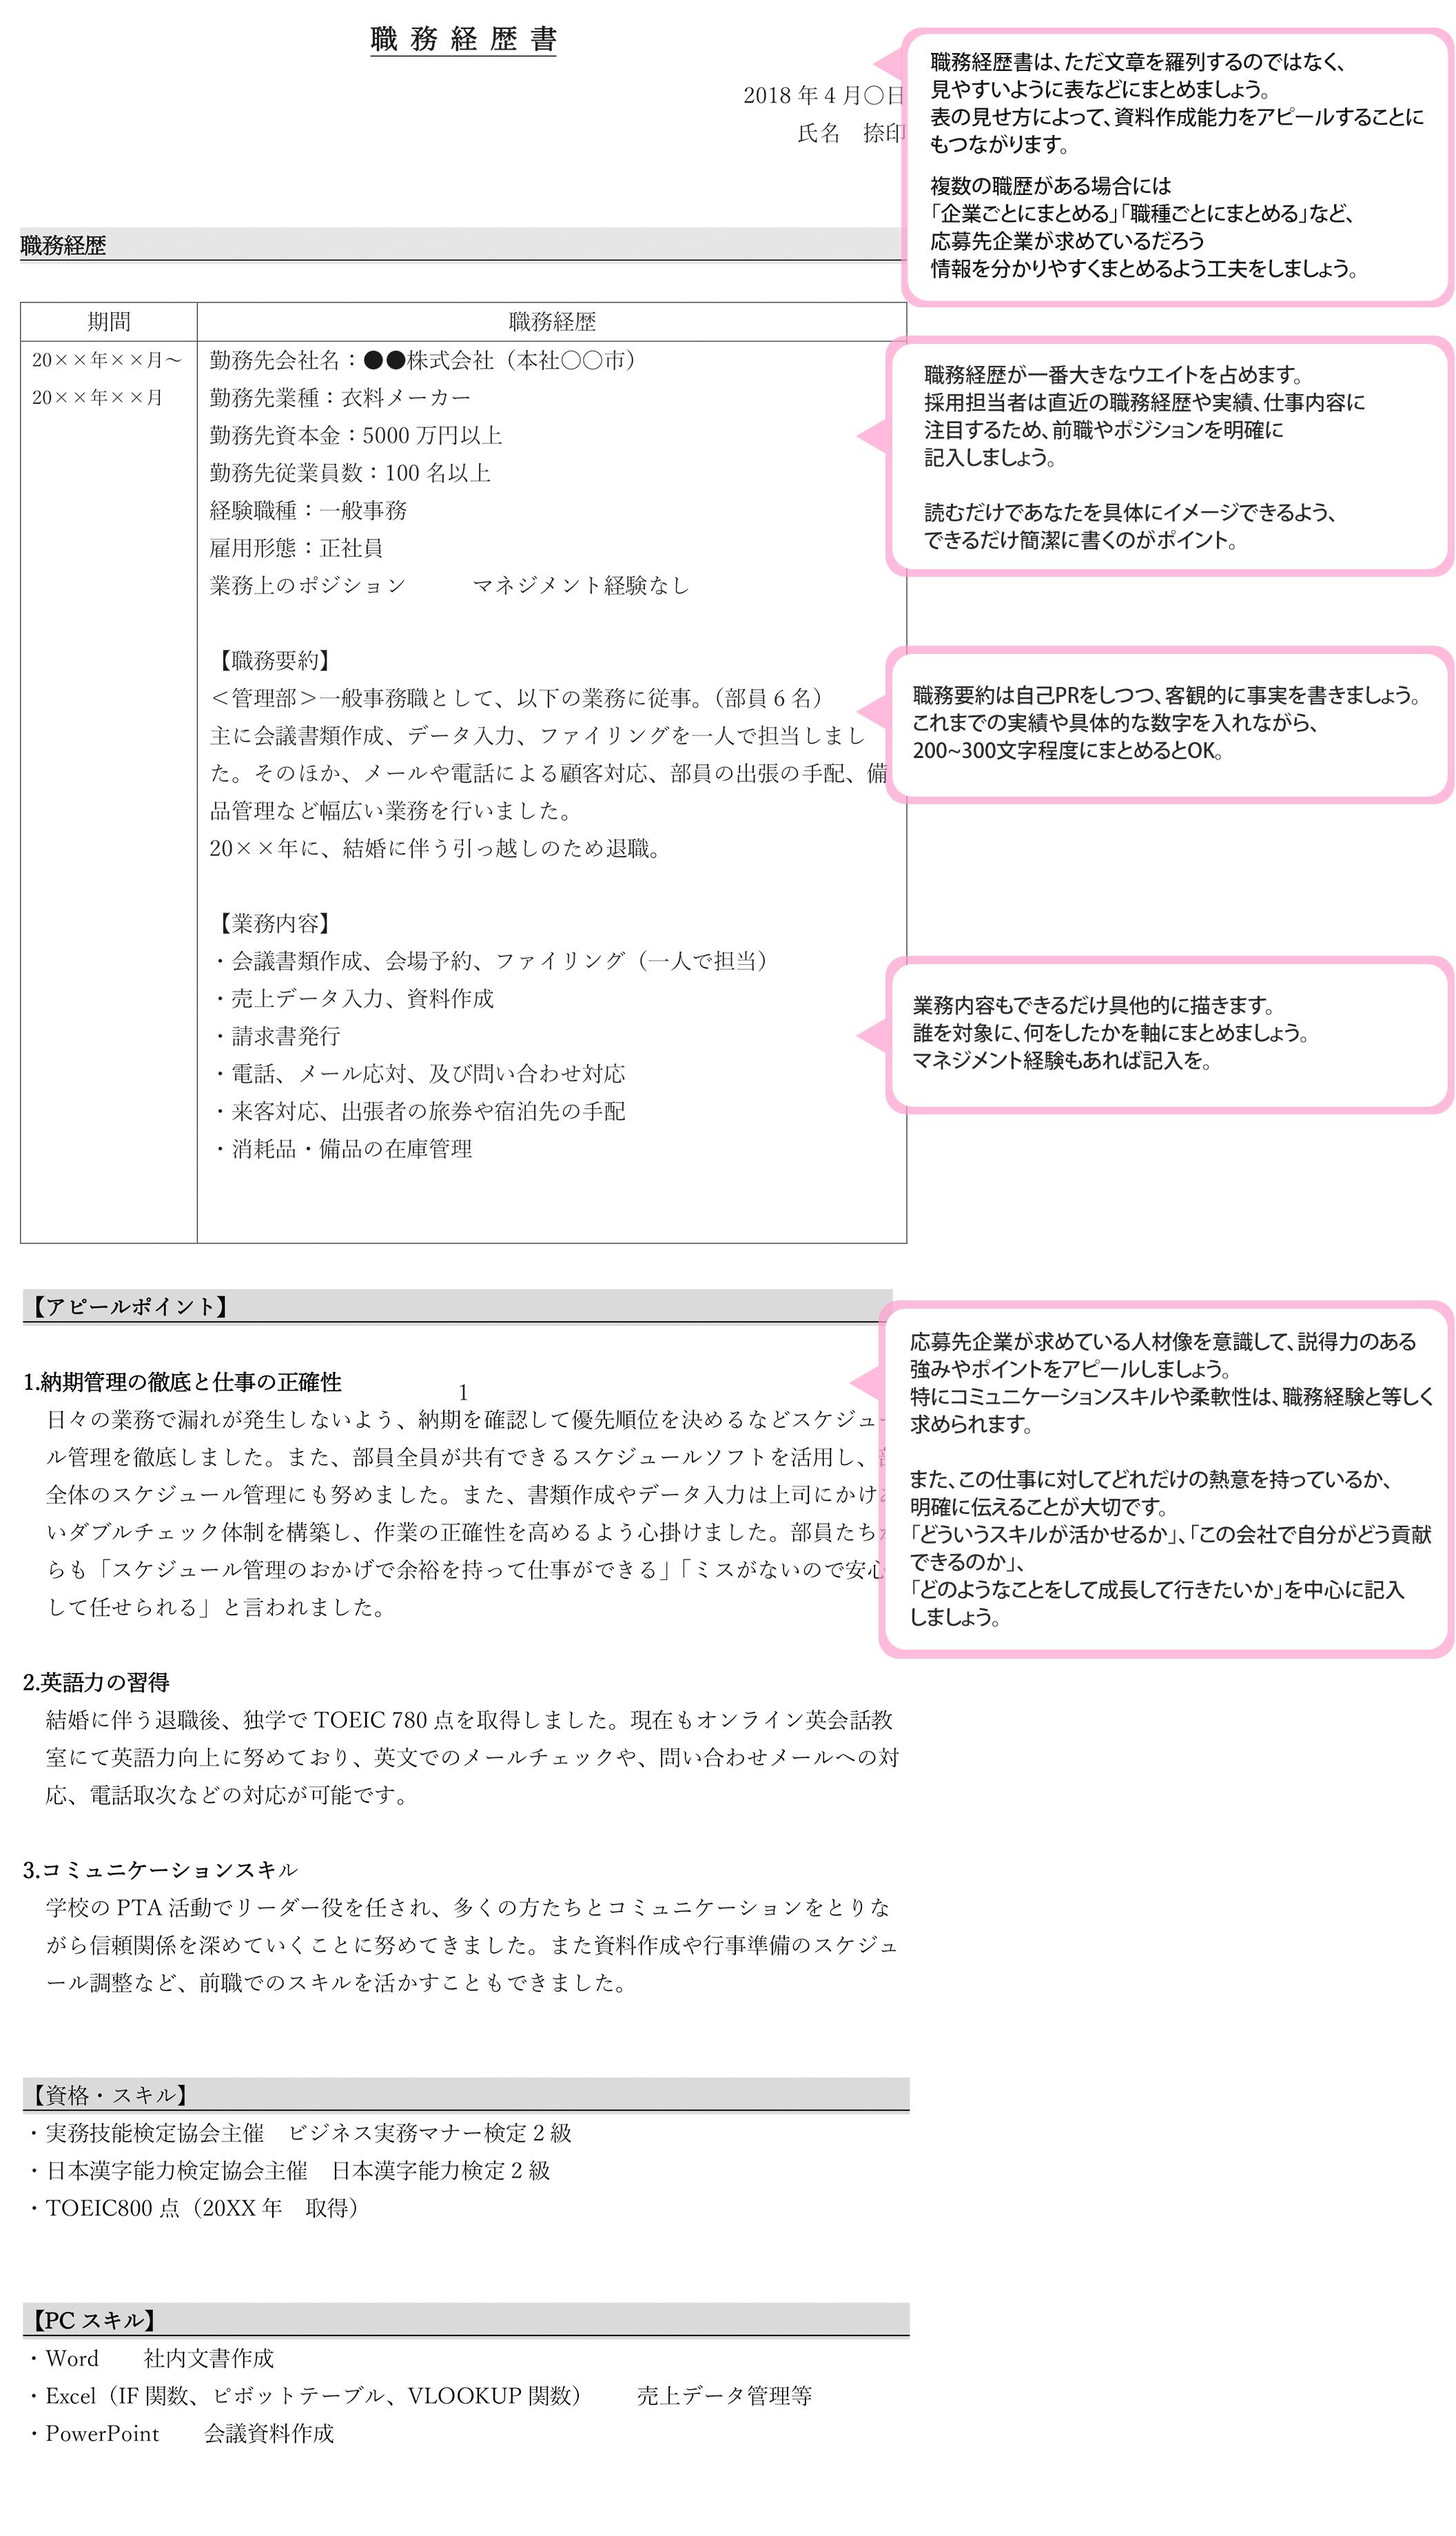 職務経歴書サンプル-1